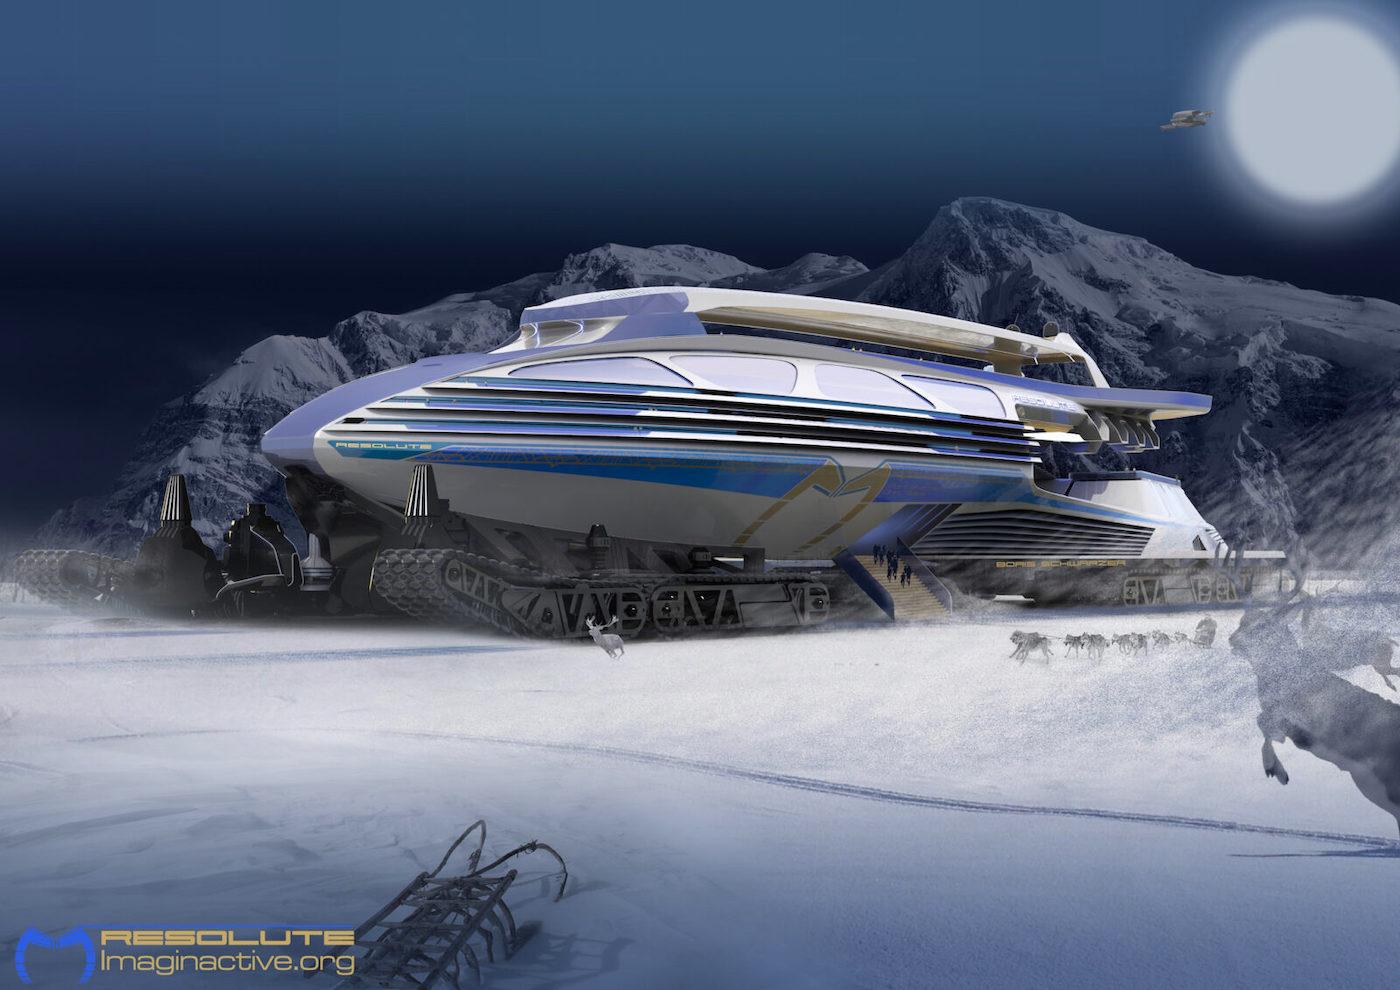 Resolute, concepto de vehículo de Charles Bombardier.